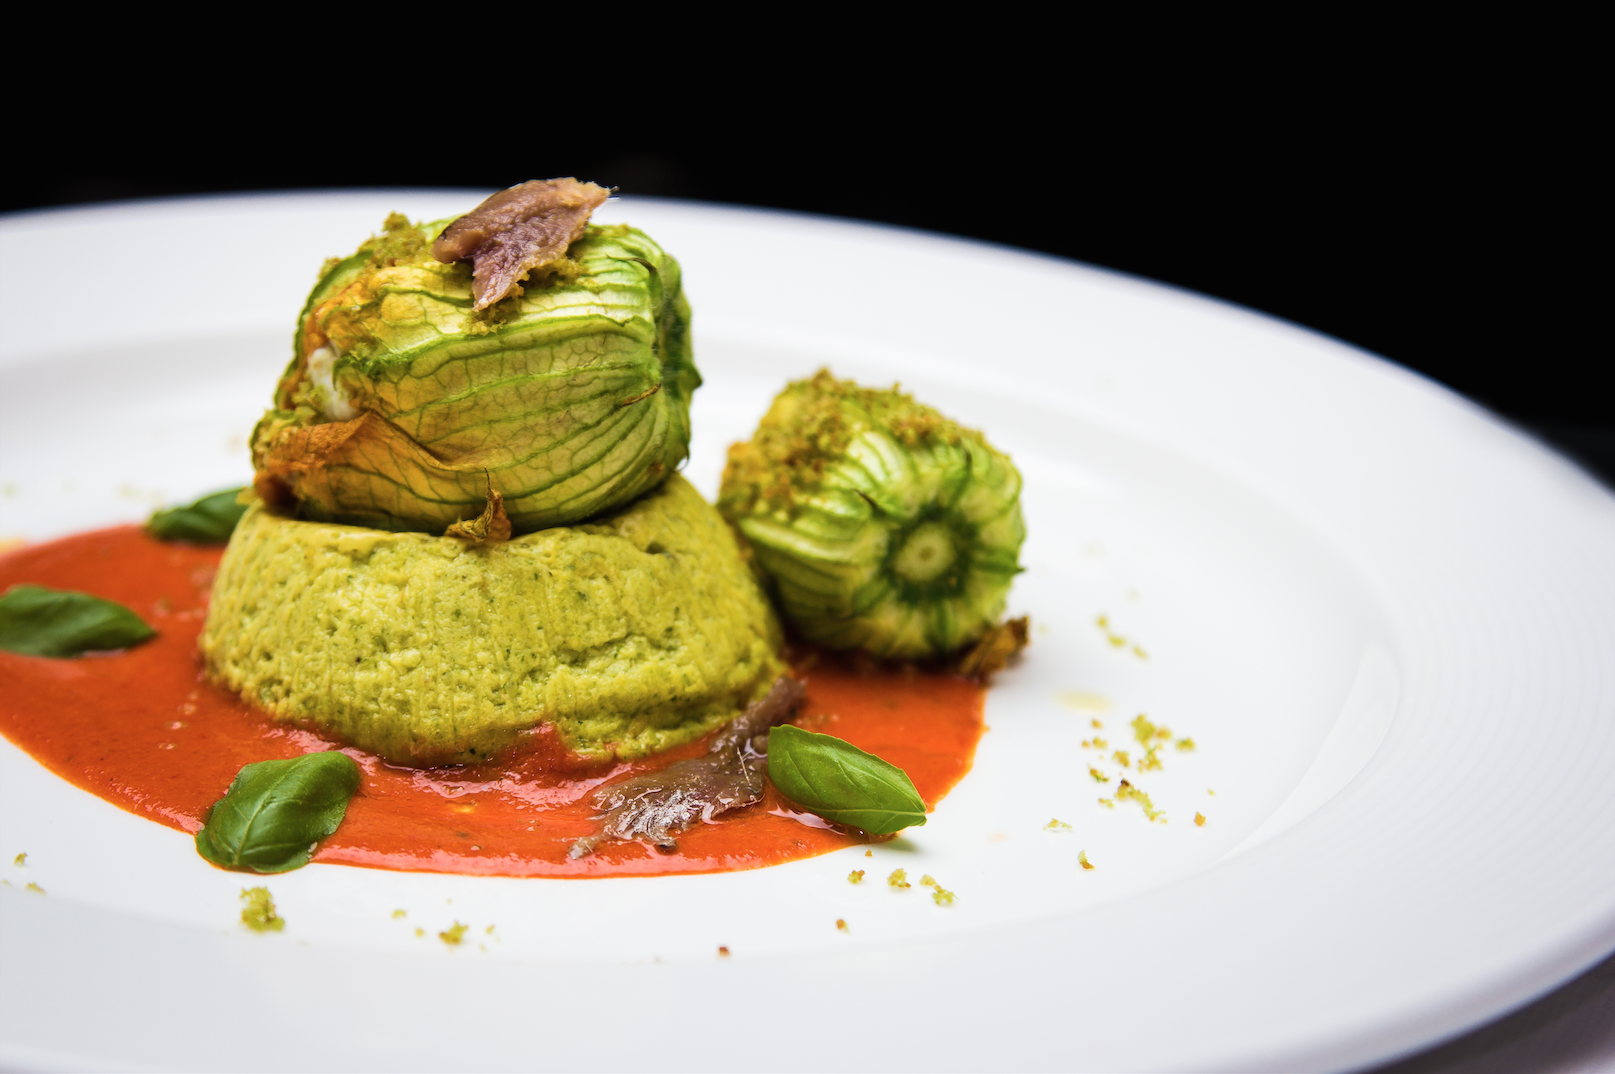 Sformatino di zucchine ai fiori imbottiti con ricotta e basilico, salsa ai peperoni arrostiti e acciughe del Cantabrico